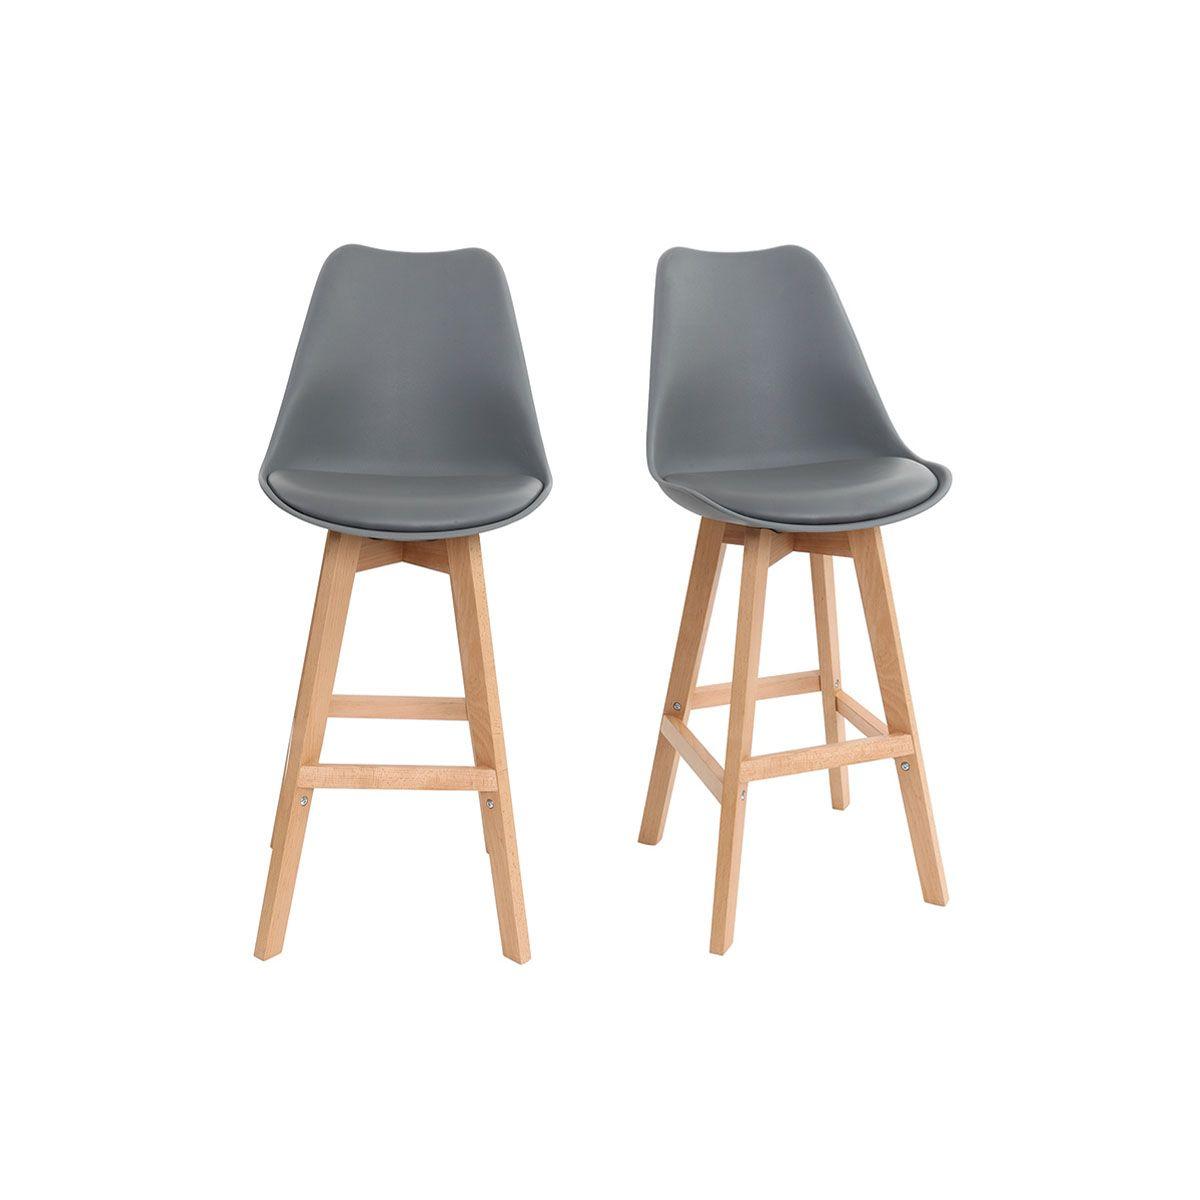 Gruppo di due sgabelli da bar design grigio e legno 65cm PAULINE Sgabelli da bar